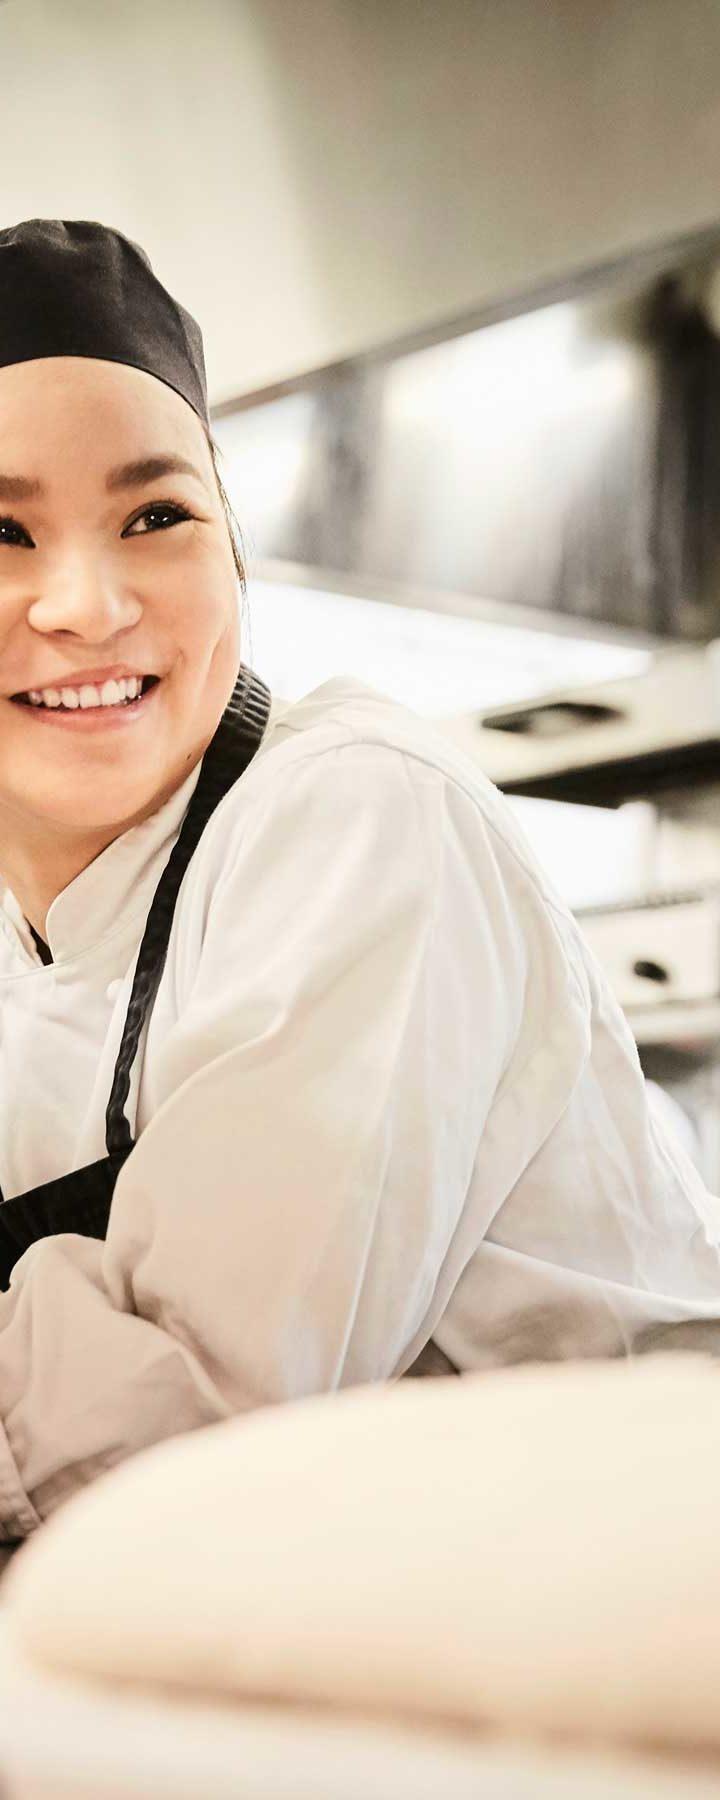 Elev lutar sig på köksbänken med stöd av armbågarna. Hon ler åt sidan.